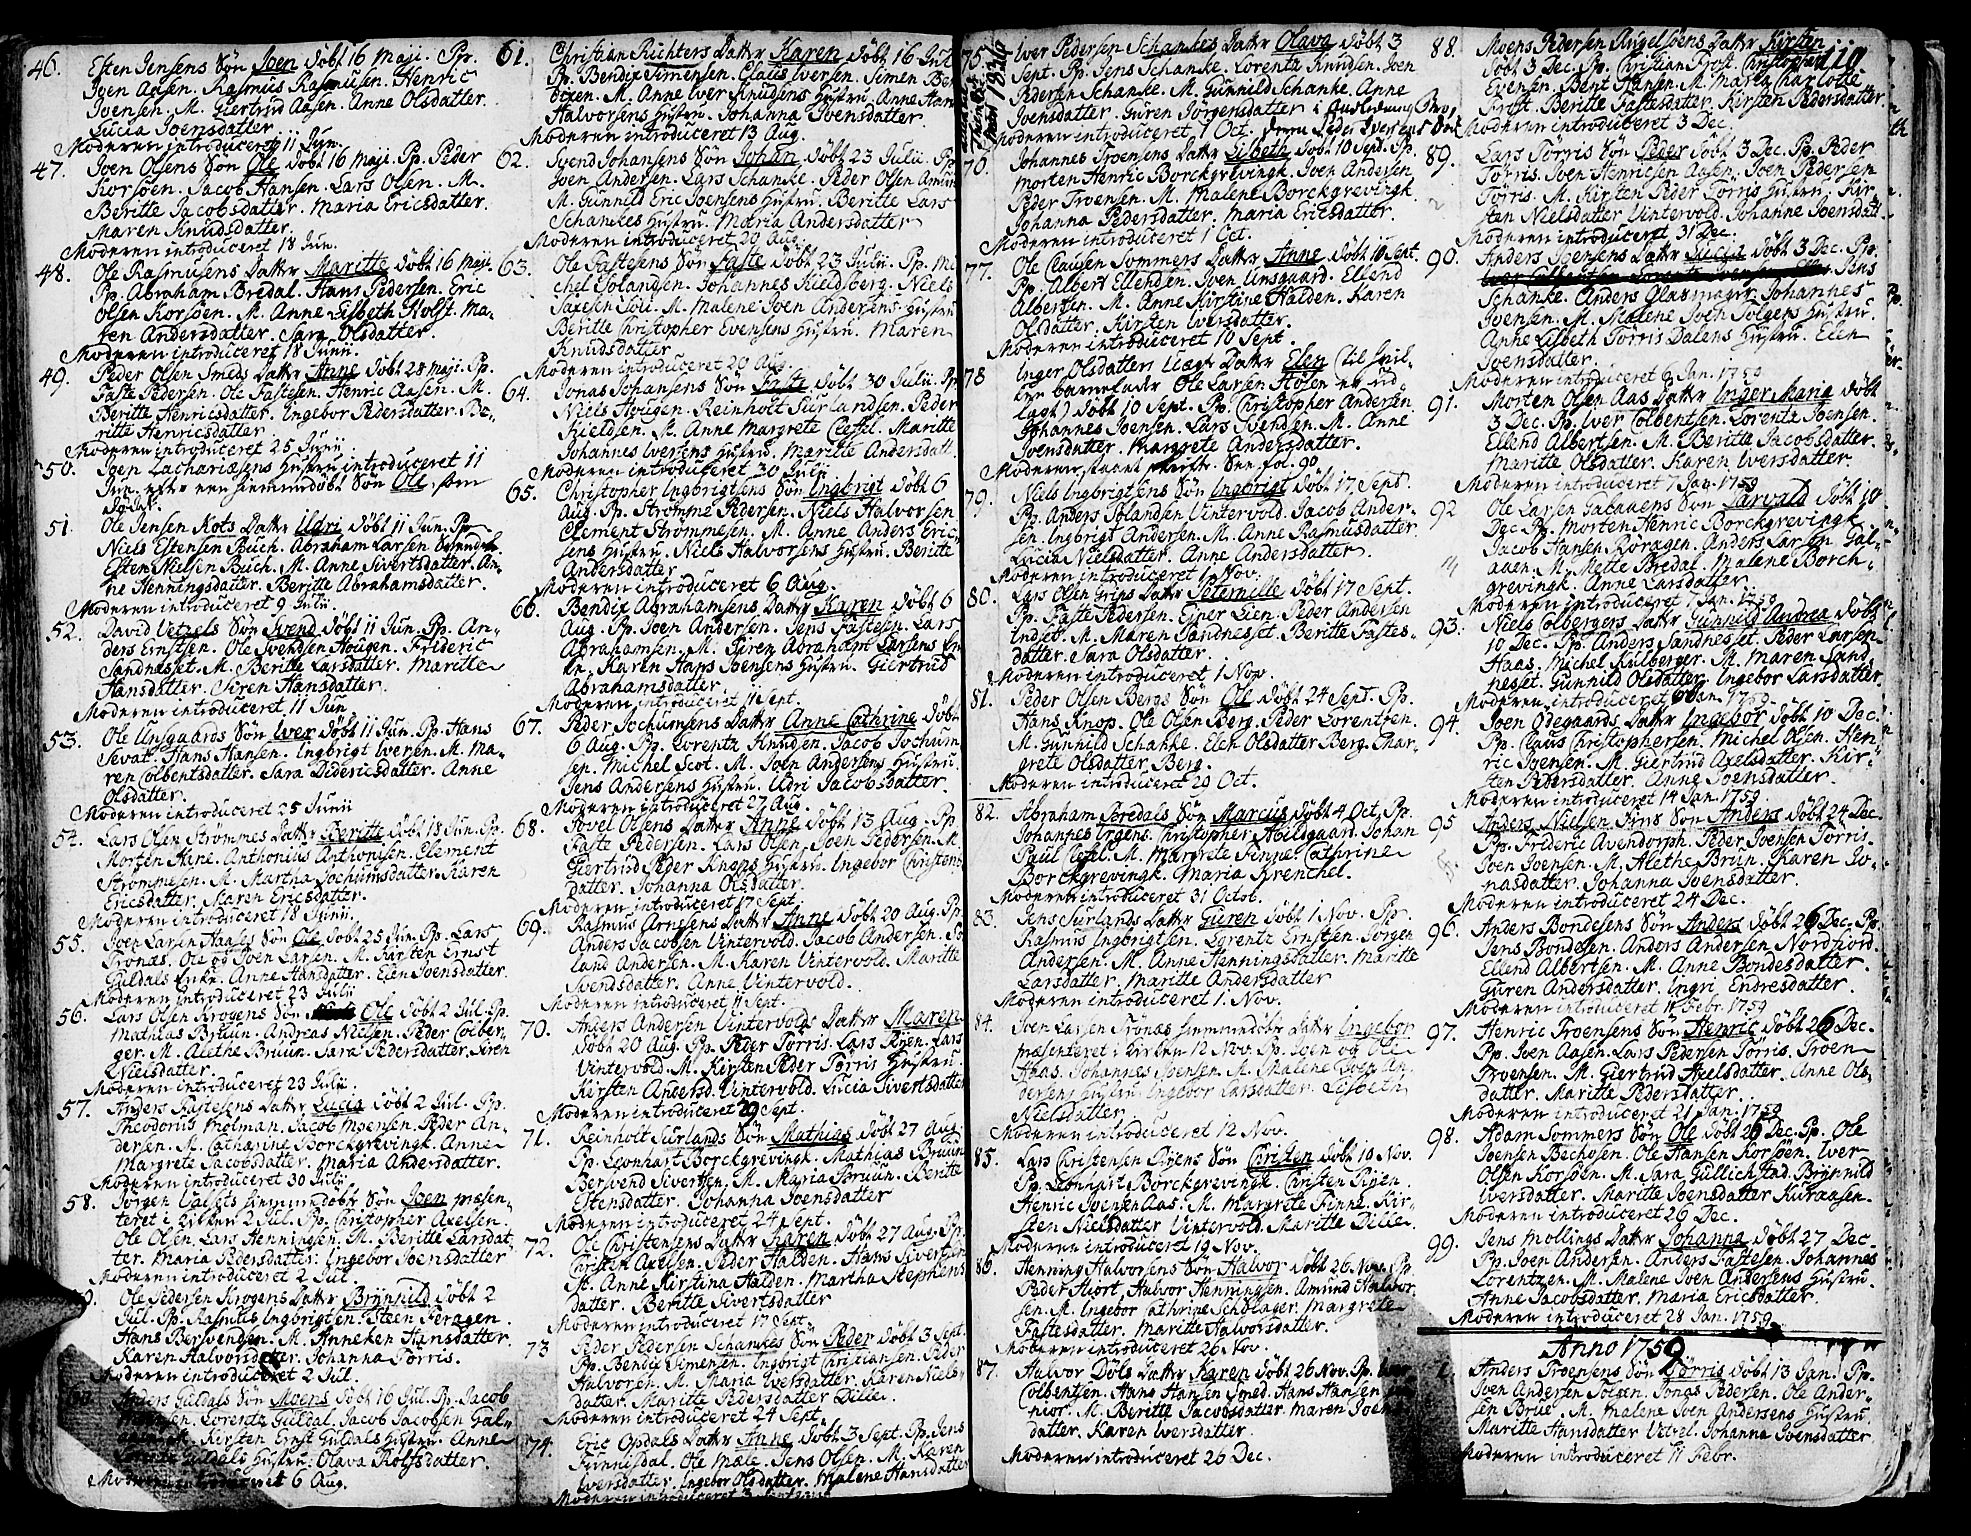 SAT, Ministerialprotokoller, klokkerbøker og fødselsregistre - Sør-Trøndelag, 681/L0925: Ministerialbok nr. 681A03, 1727-1766, s. 110